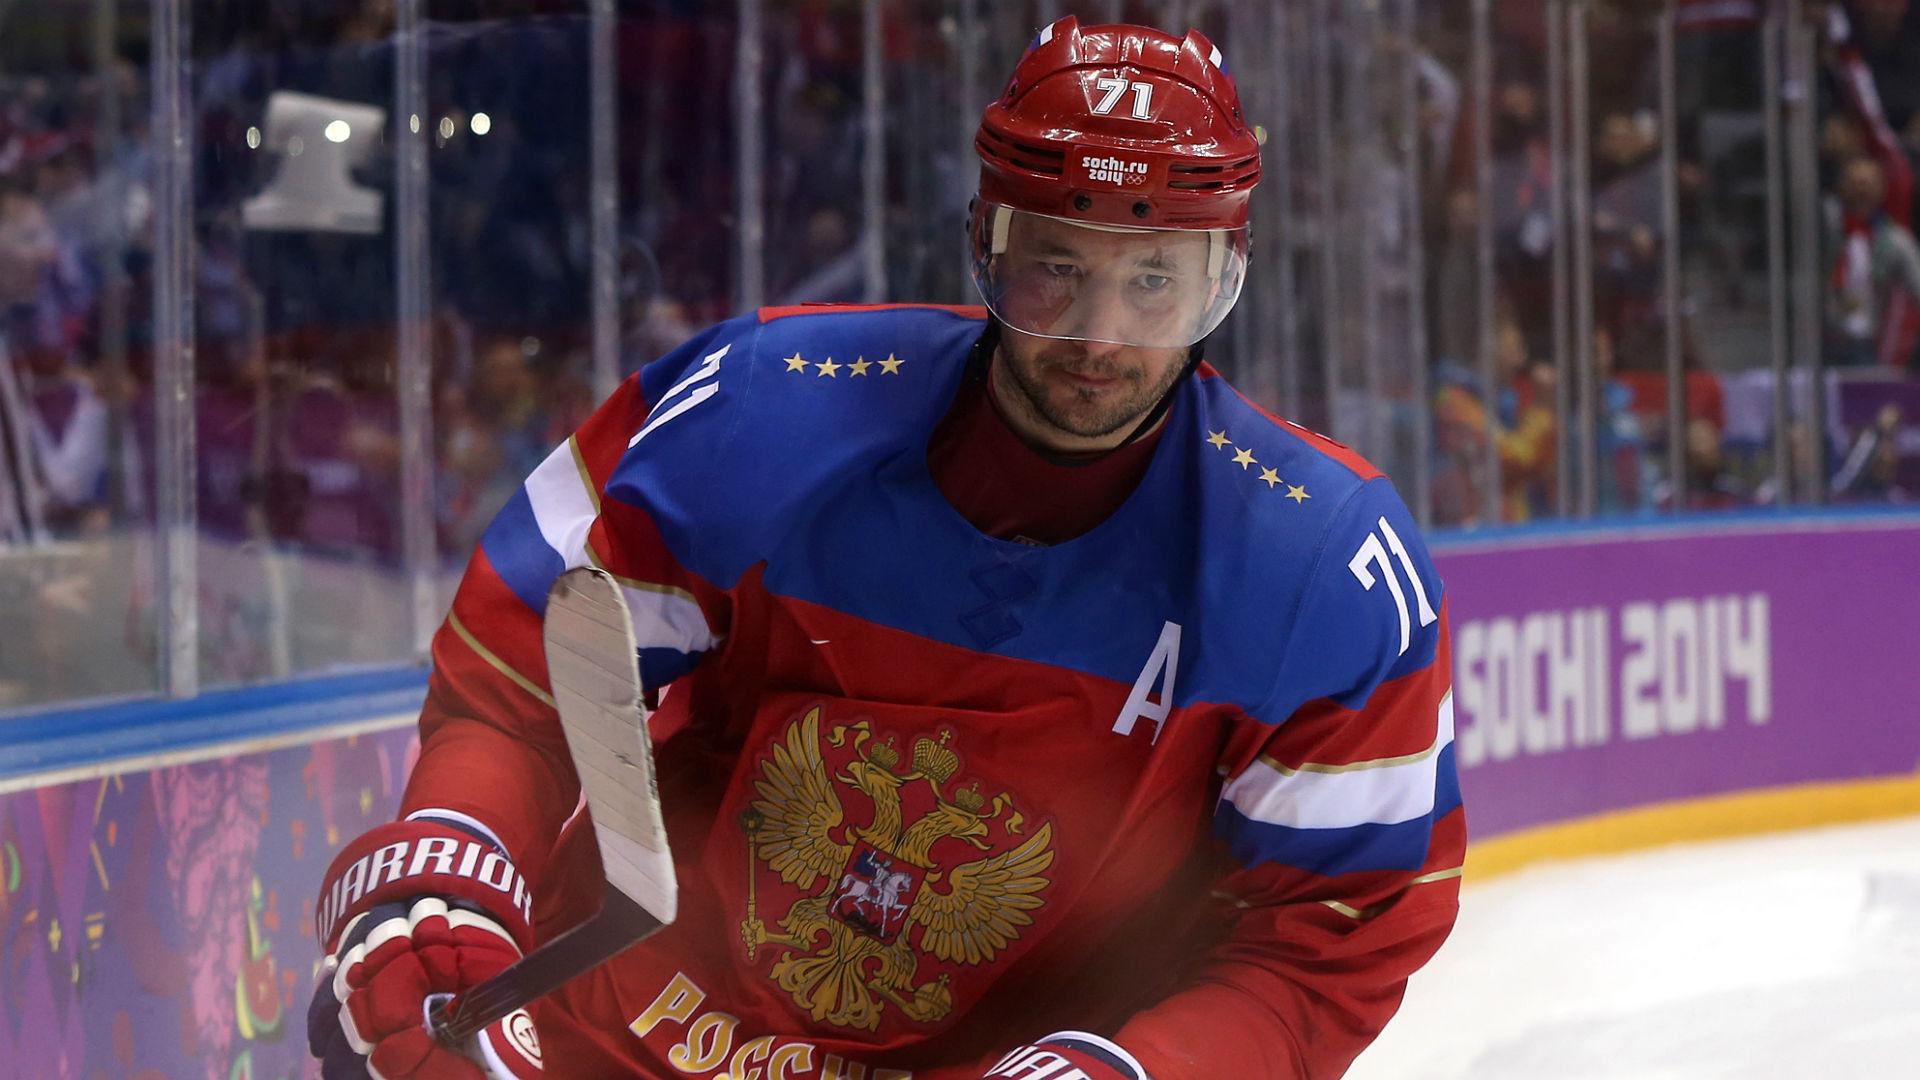 Ilyakovalchuk-101817-getty-ftrjpg_v3ryf6okzfef1oy9wvknpeiw3